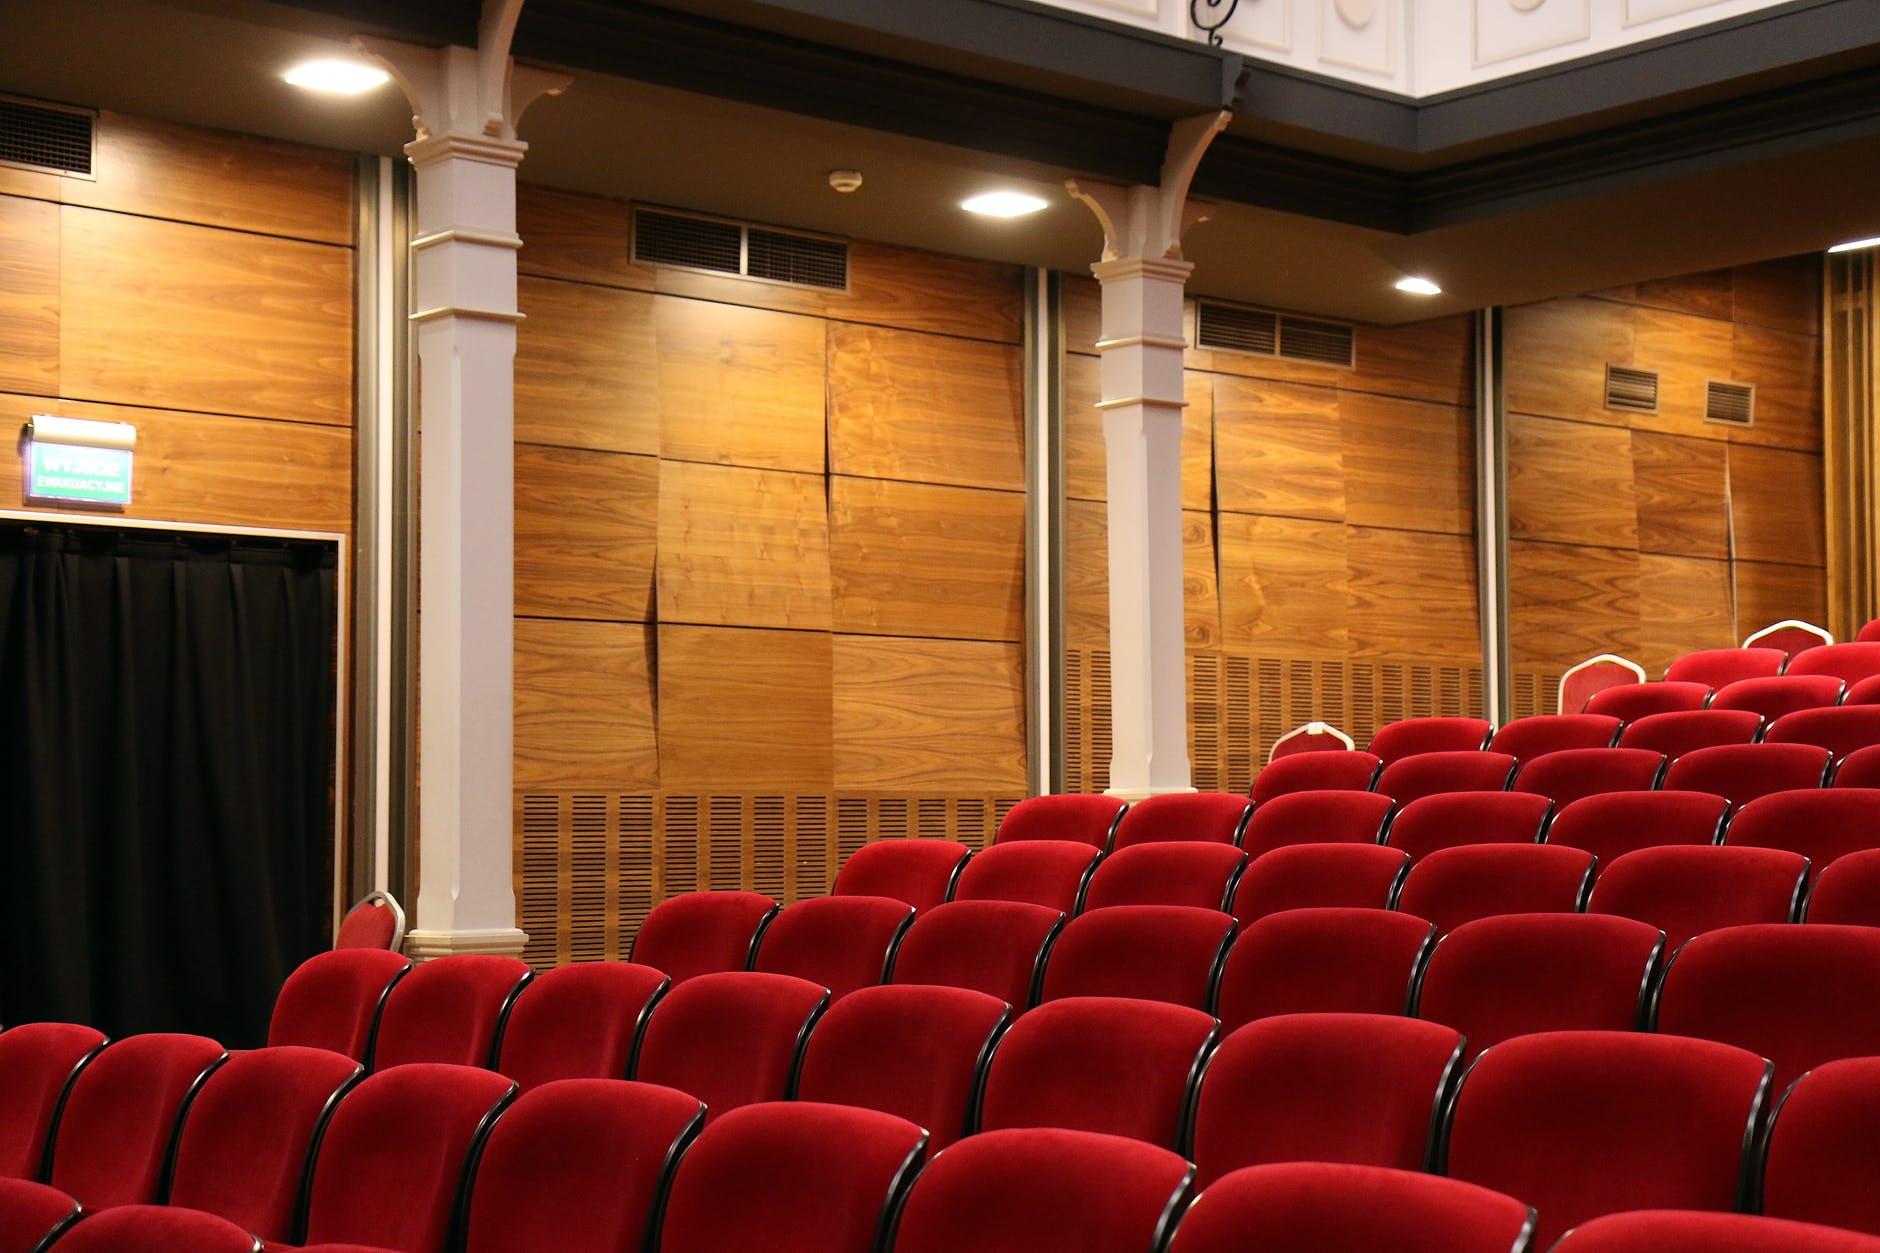 auditorium chairs comfortable concert